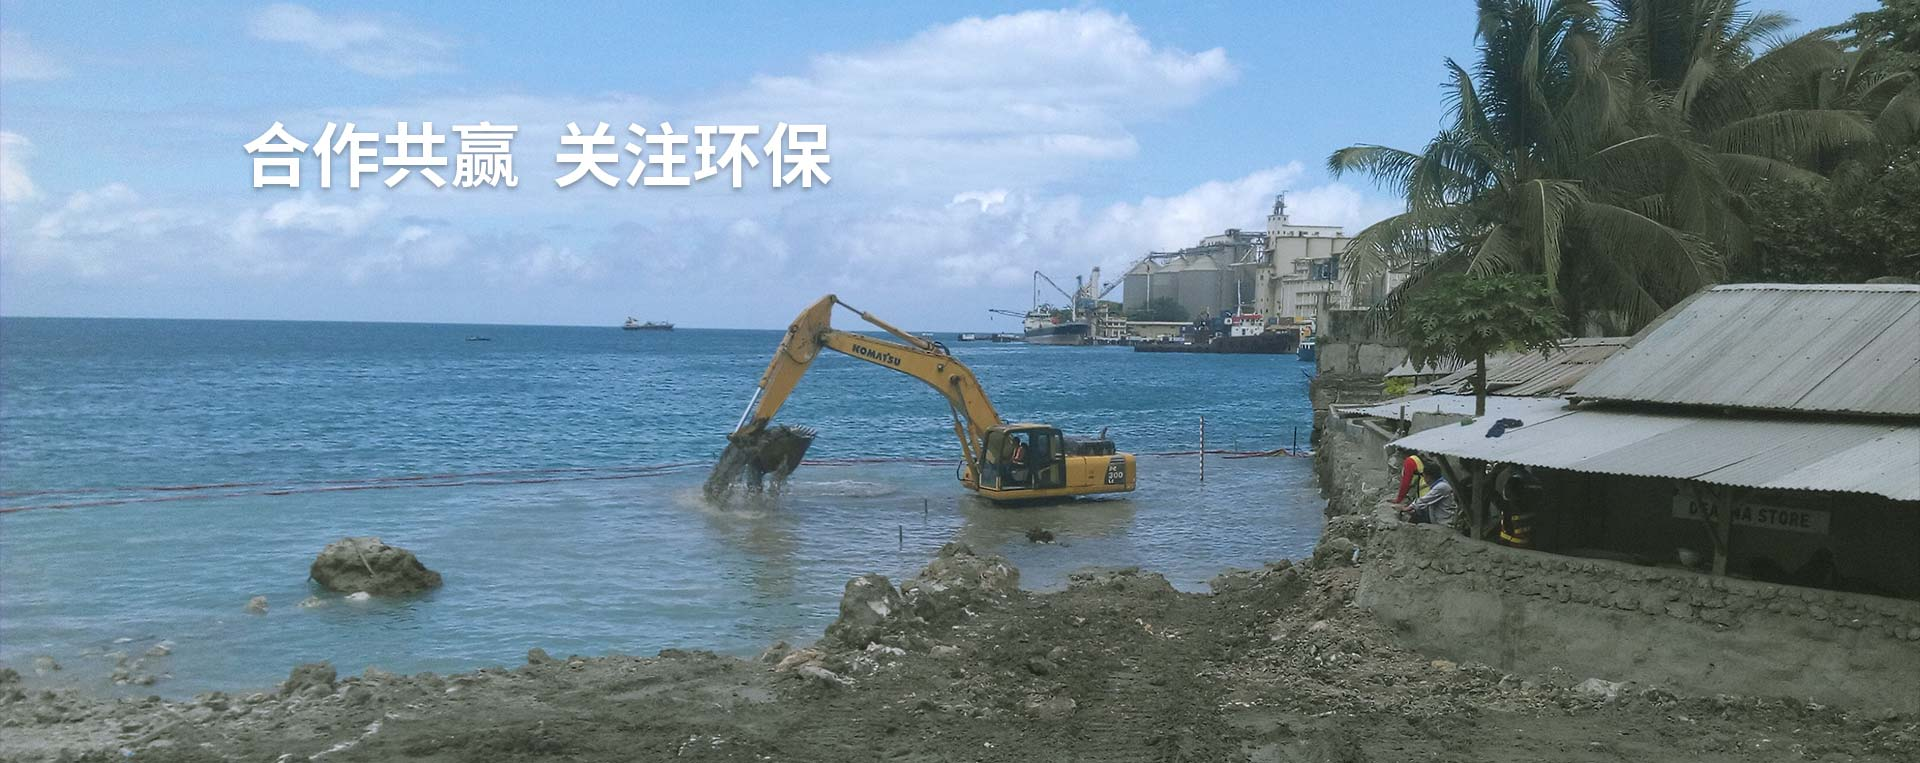 海底排污、输送水管道铺设和维修